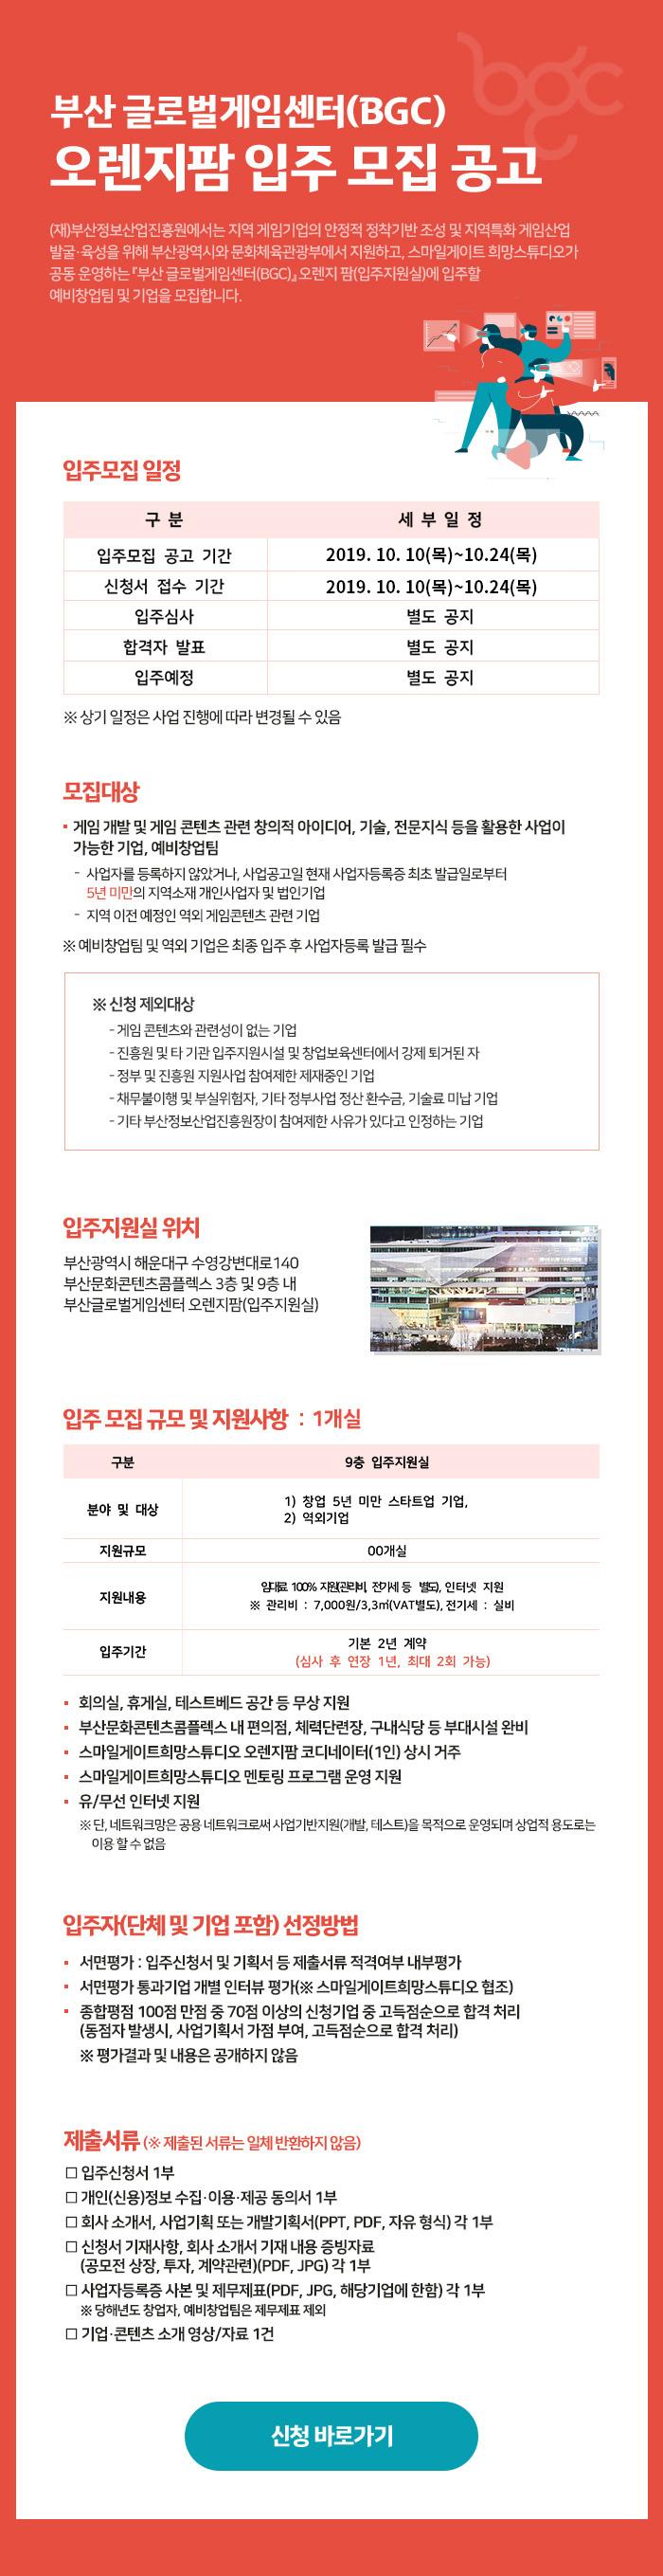 부산글로벌게임센터 오렌지팜 입주 모집 공고 (~24일)